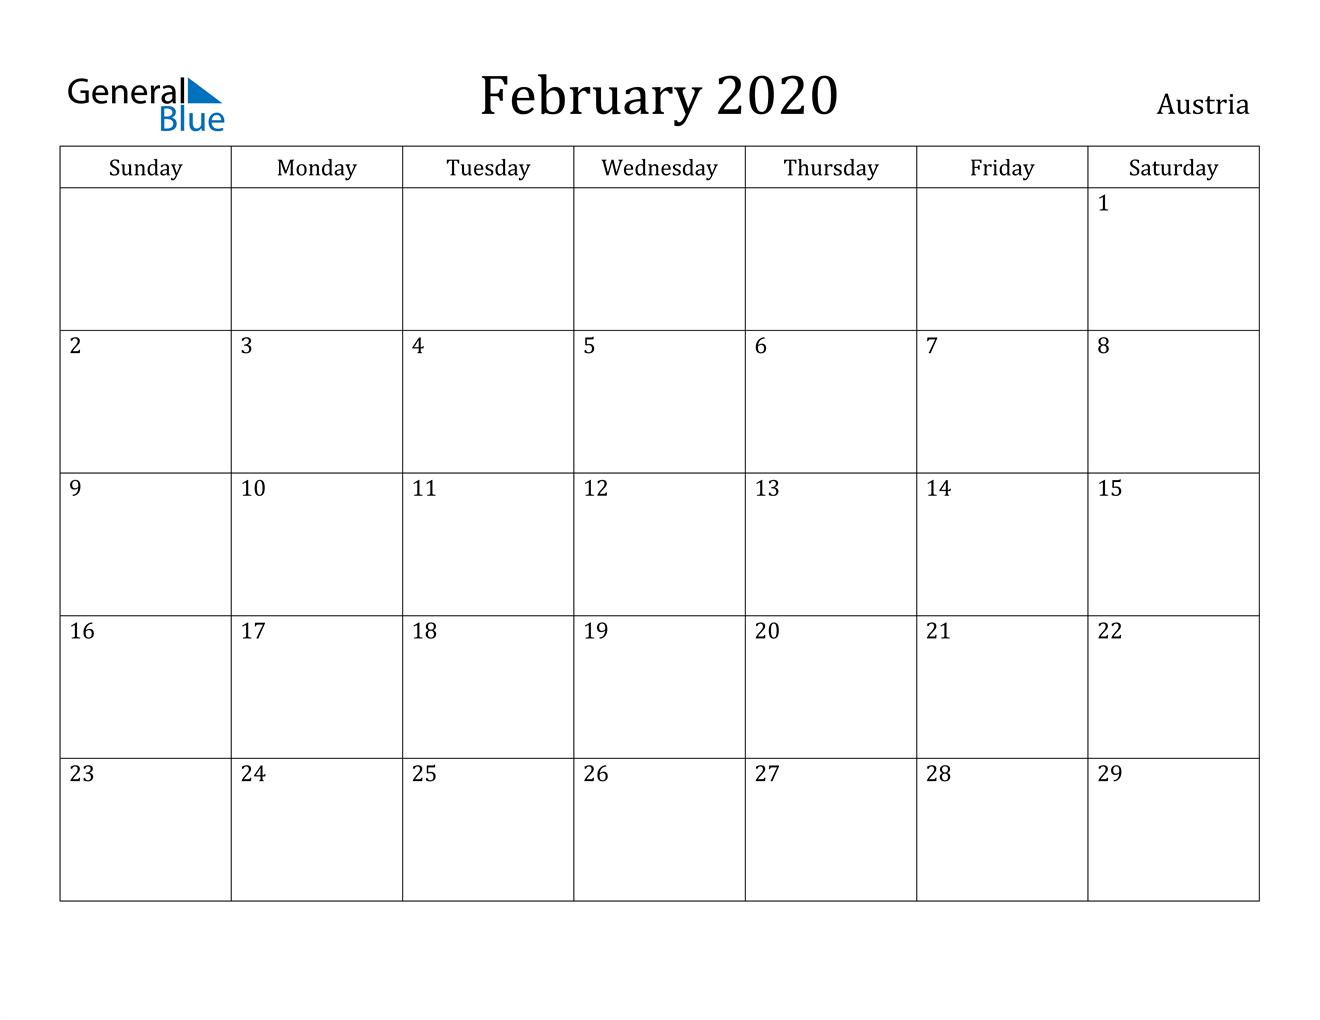 Image of February 2020 Austria Calendar with Holidays Calendar